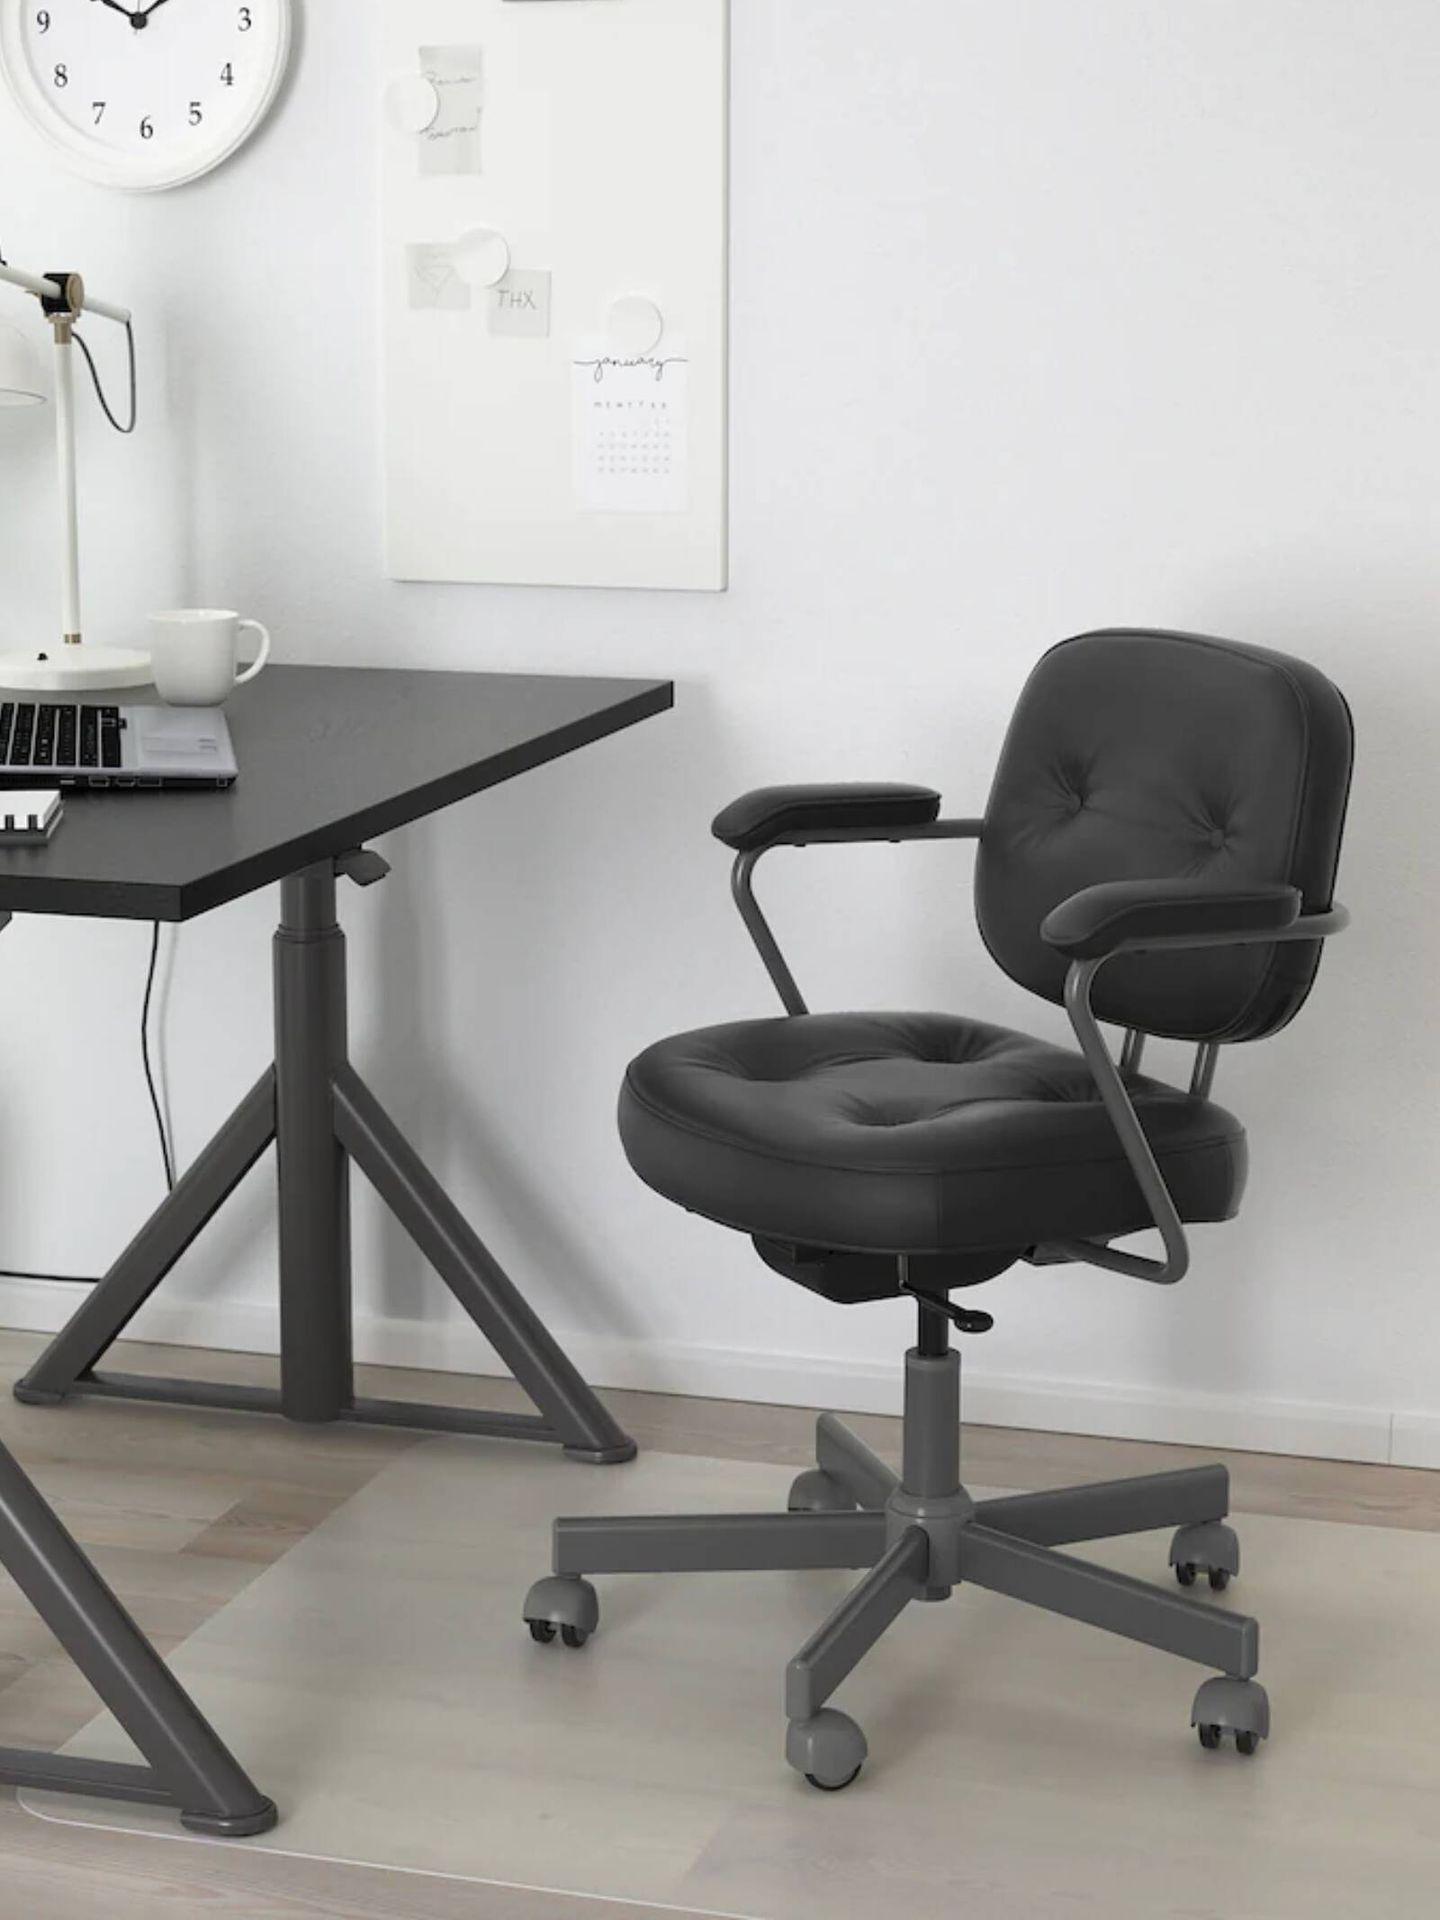 La silla de trabajo más buscada de Ikea ha vuelto. (Cortesía)